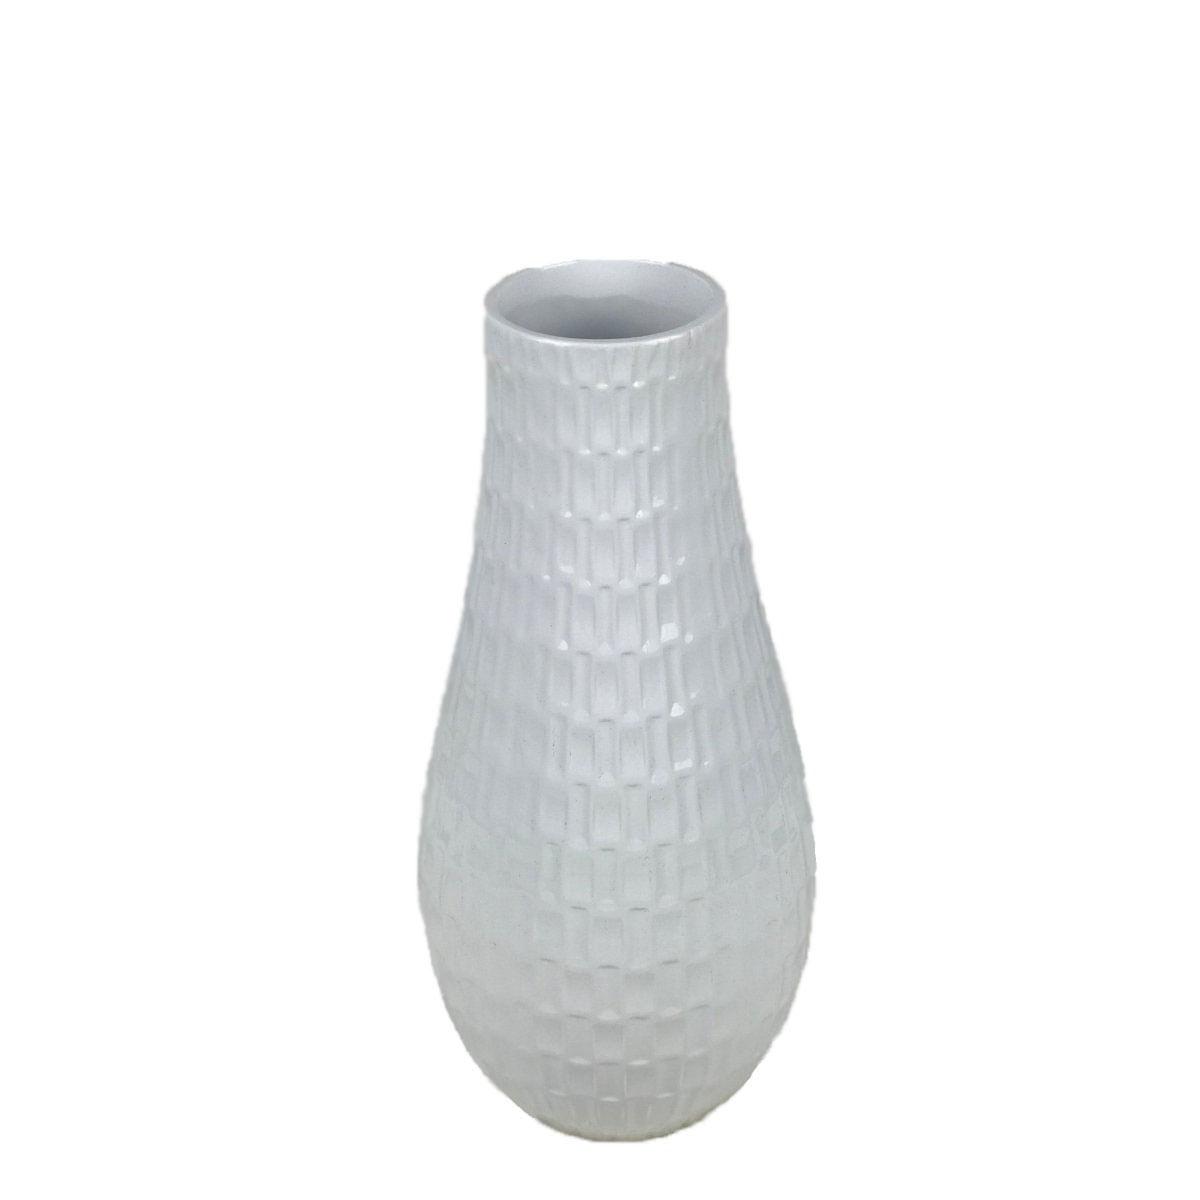 Vaso Decorativo de Cerâmica Brilhante - Branco